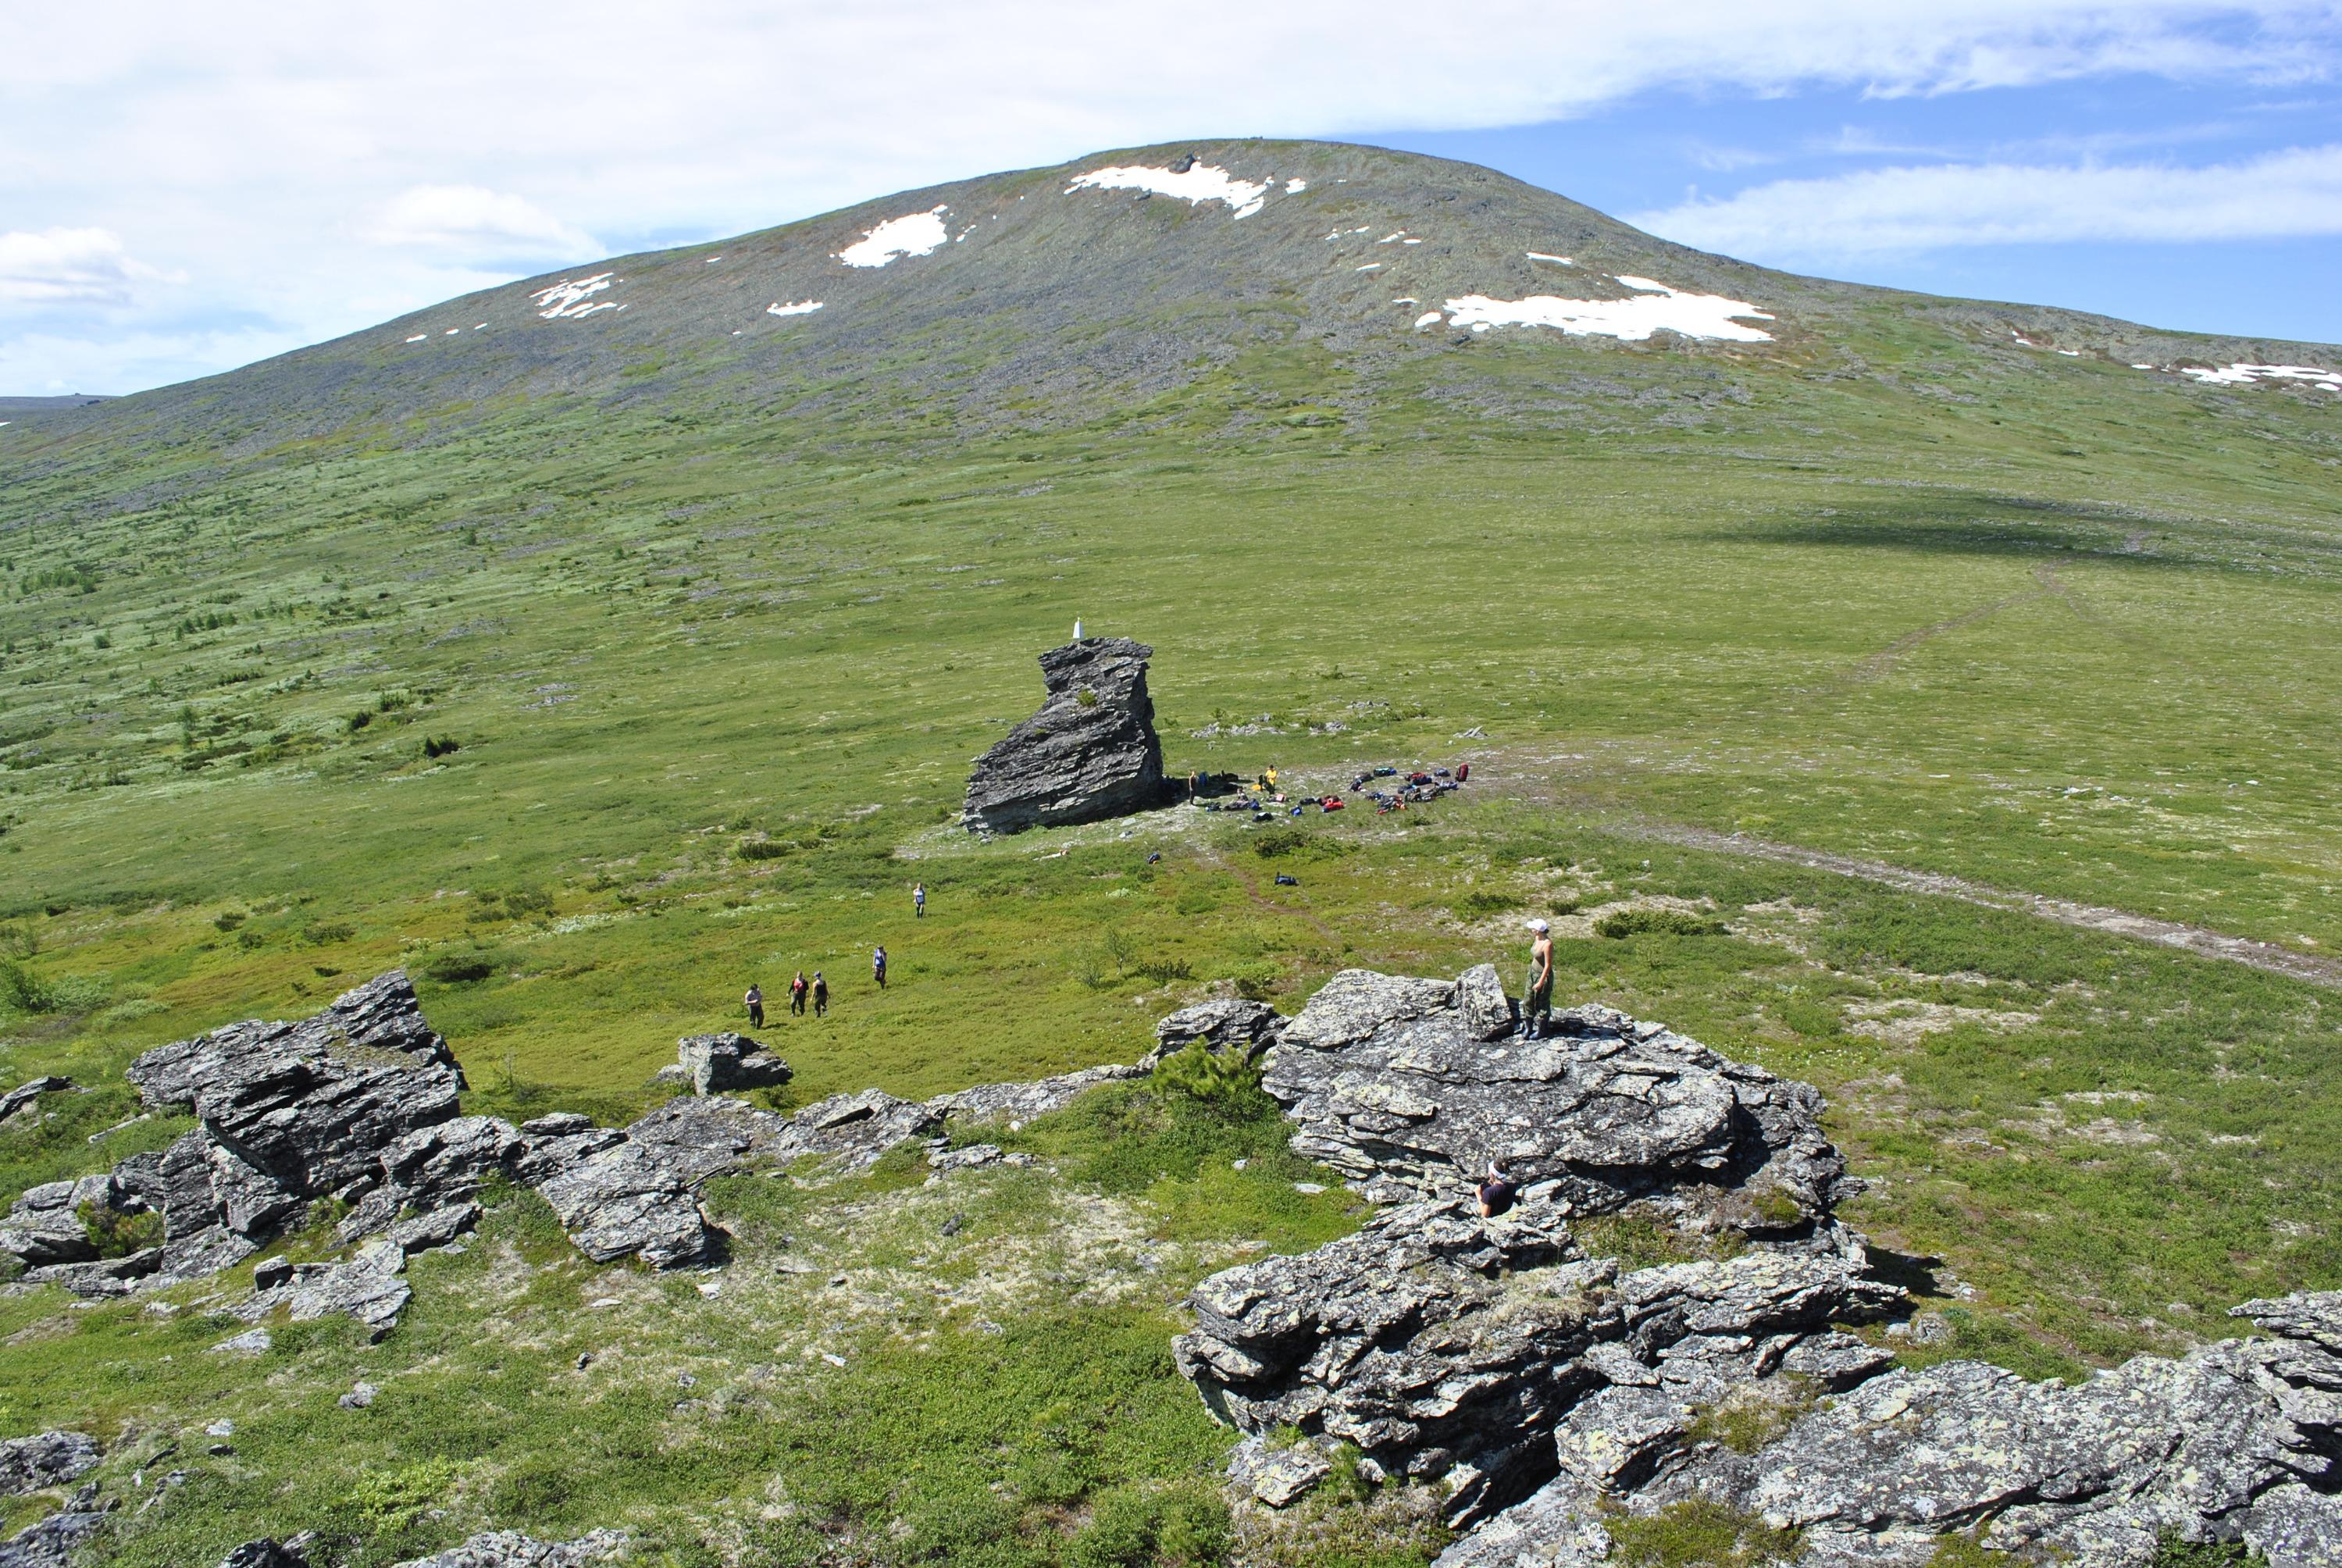 Это вид на перевал Дятлова летом. Группу нашли не прямо на нём, а чуть дальше, на восточном склоне горы Холатчахль